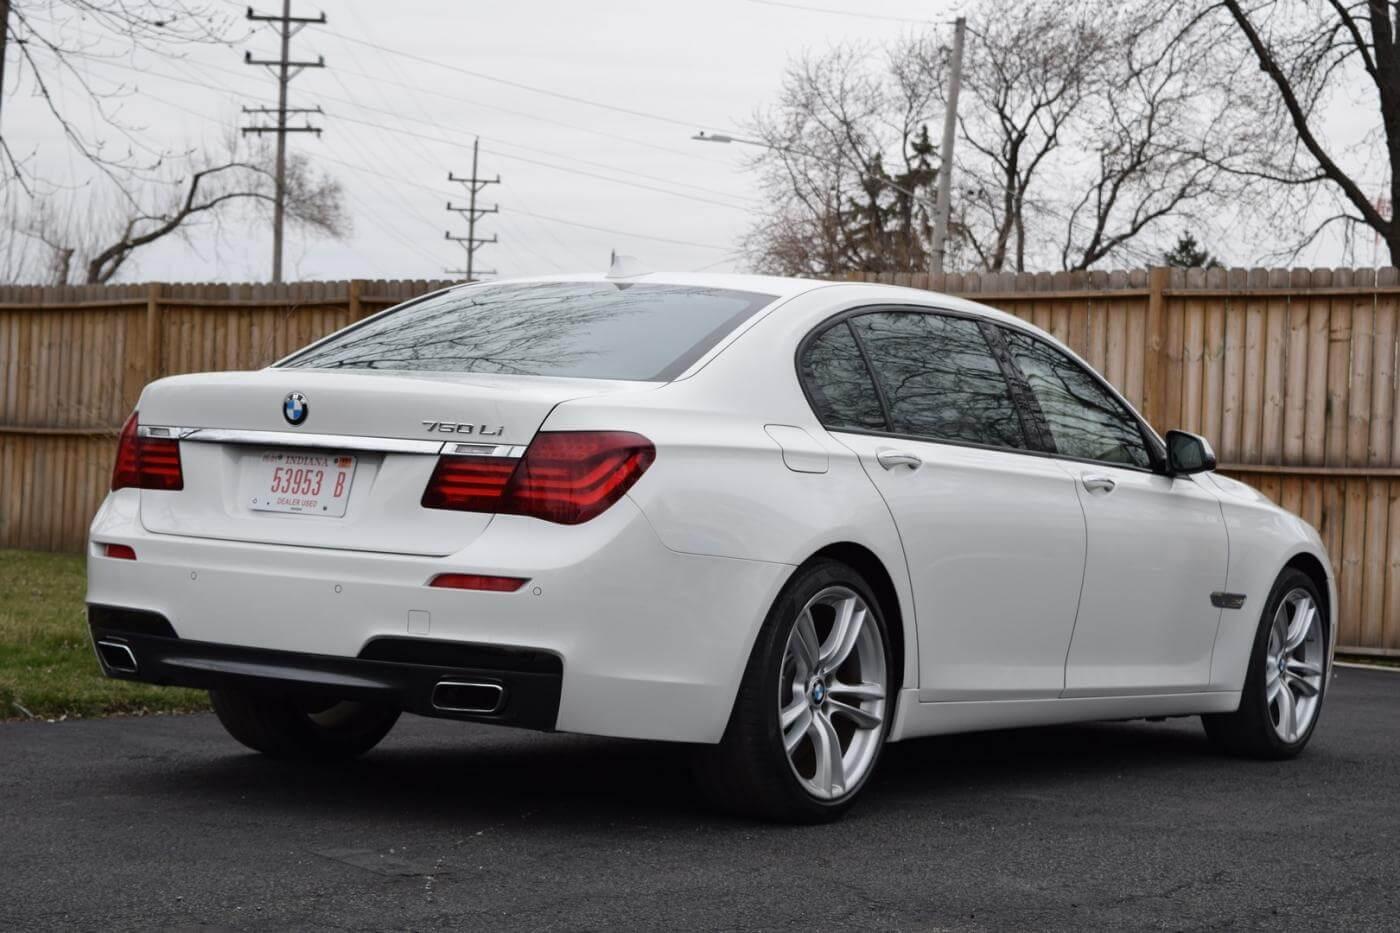 2014 BMW 75OLI